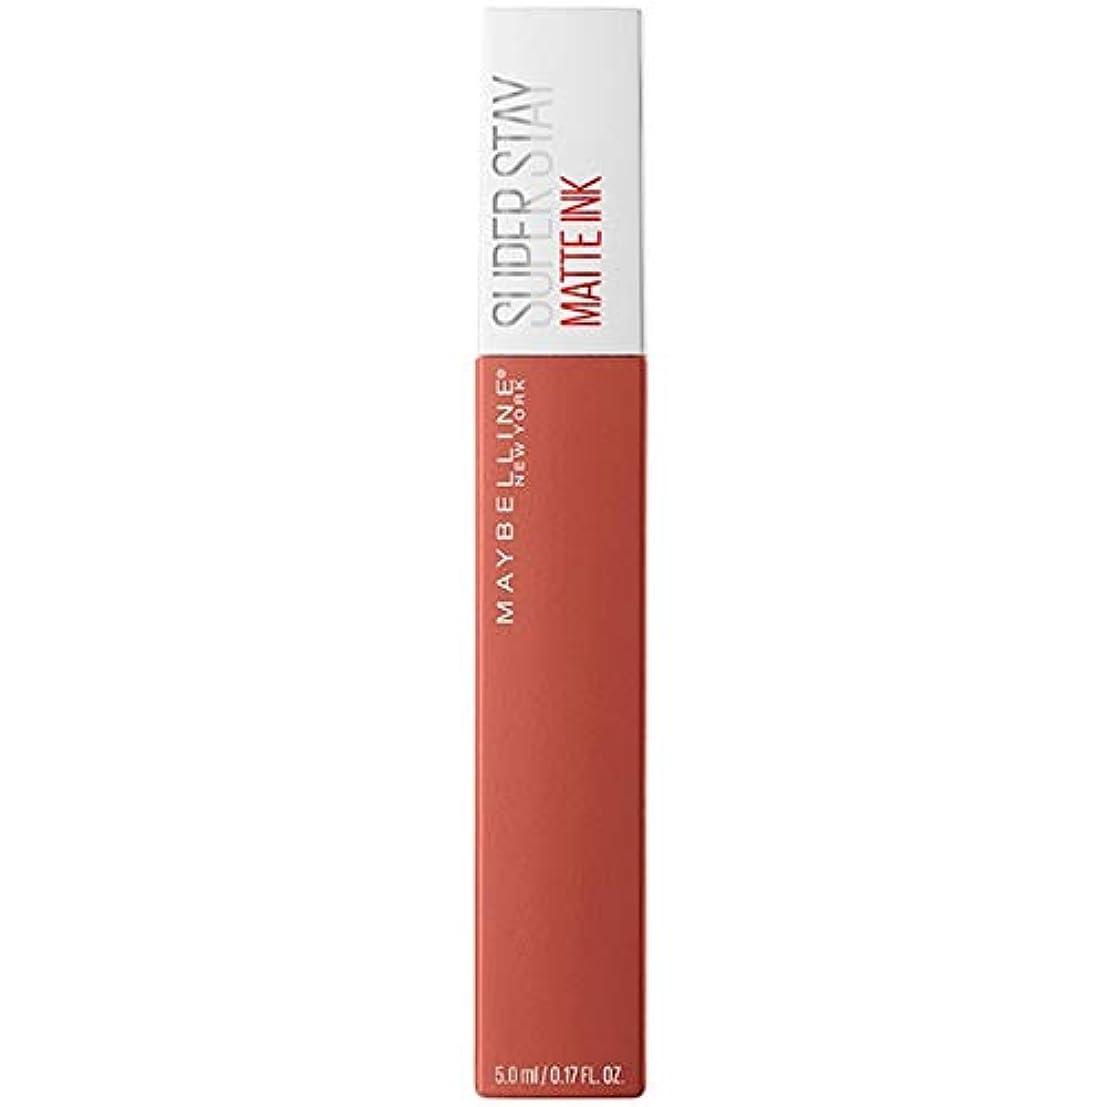 とても多くの戸惑う軽く[Maybelline ] メイベリンSuperstayマットインク70アマゾン - Maybelline Superstay Matte Ink 70 Amazonian [並行輸入品]